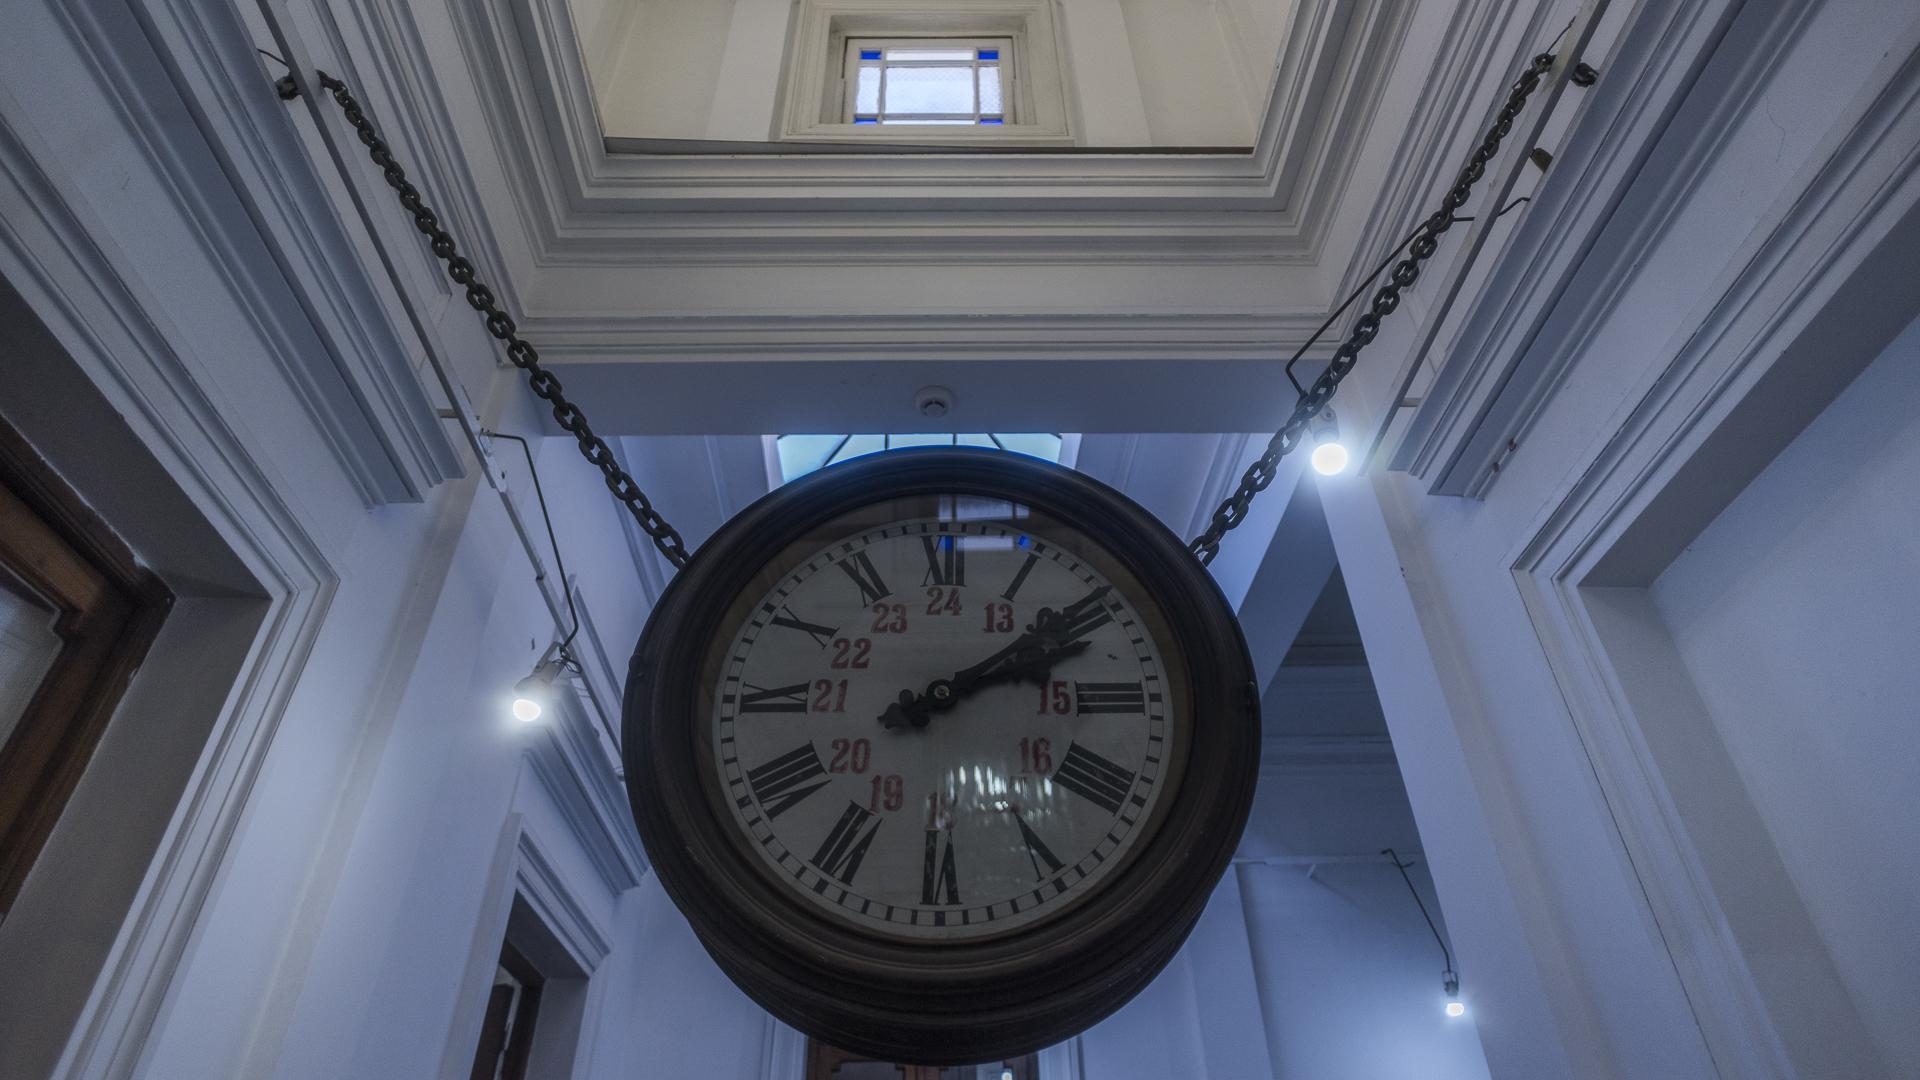 La misión del Museo de la Ciudad es recopilar la historia de la ciudad de Buenos Aires, la de sus habitantes, sus usos y costumbres, su arquitectura y las vivencias de los porteños y de aquellos que pasaron por Buenos Aires